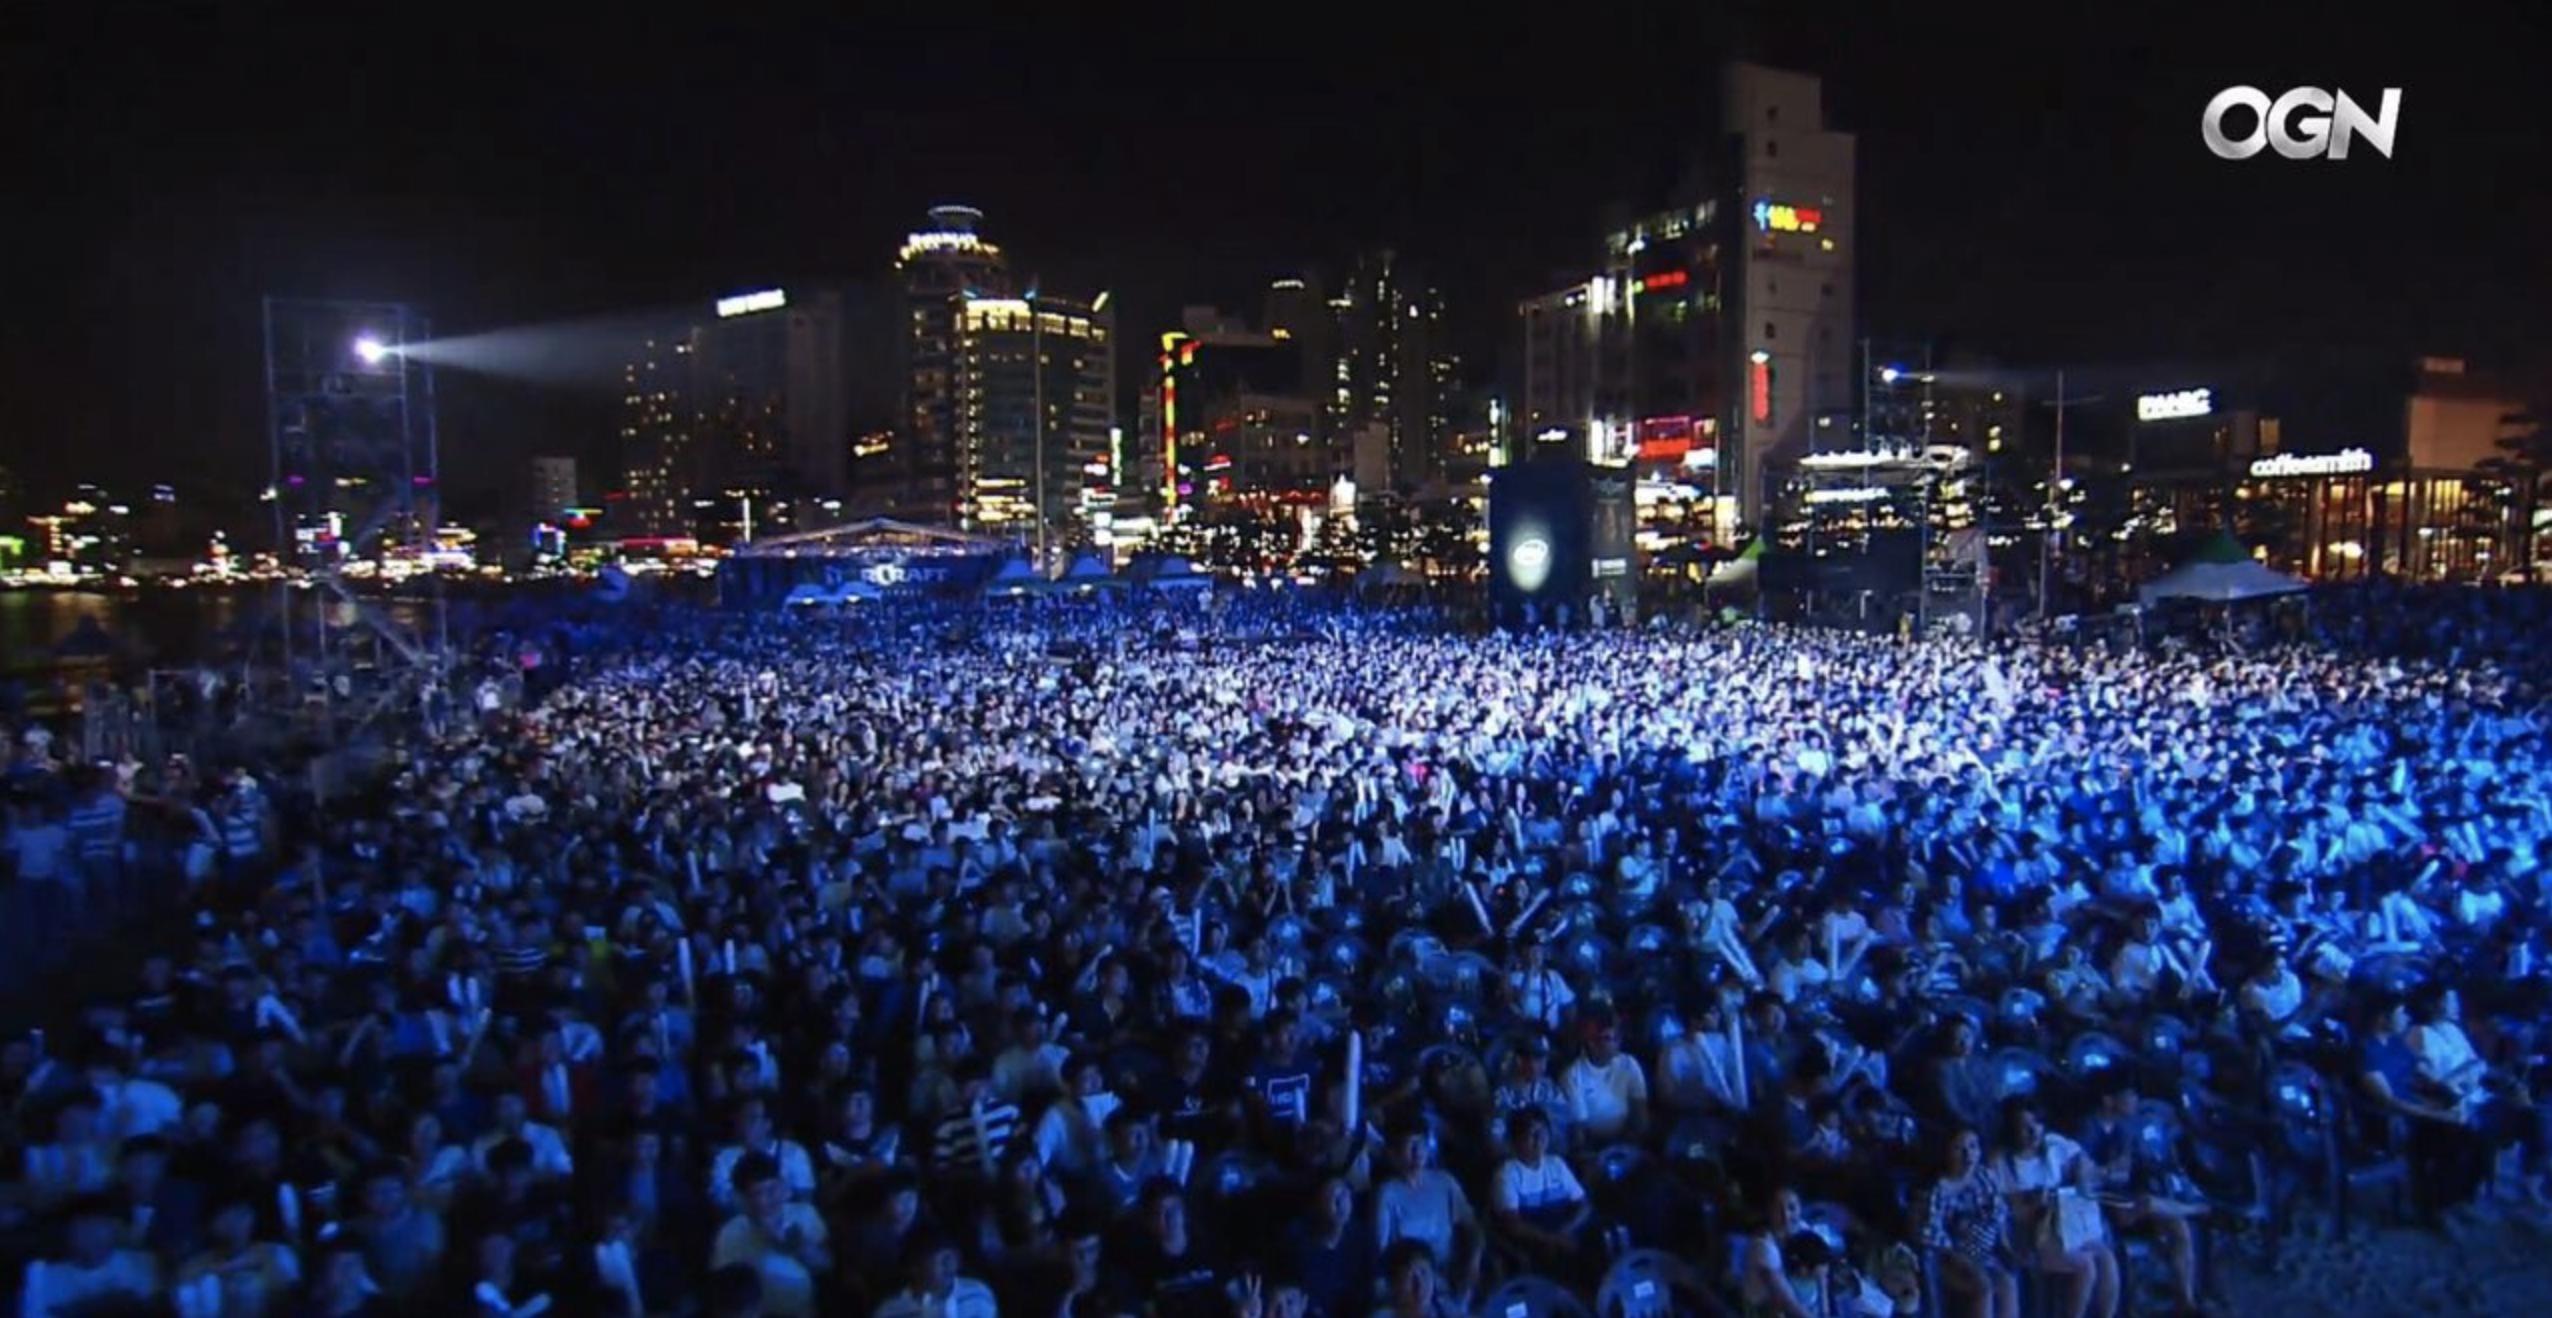 Это не концерт Леонтьева, это чемпионат по StarCraft в Корее